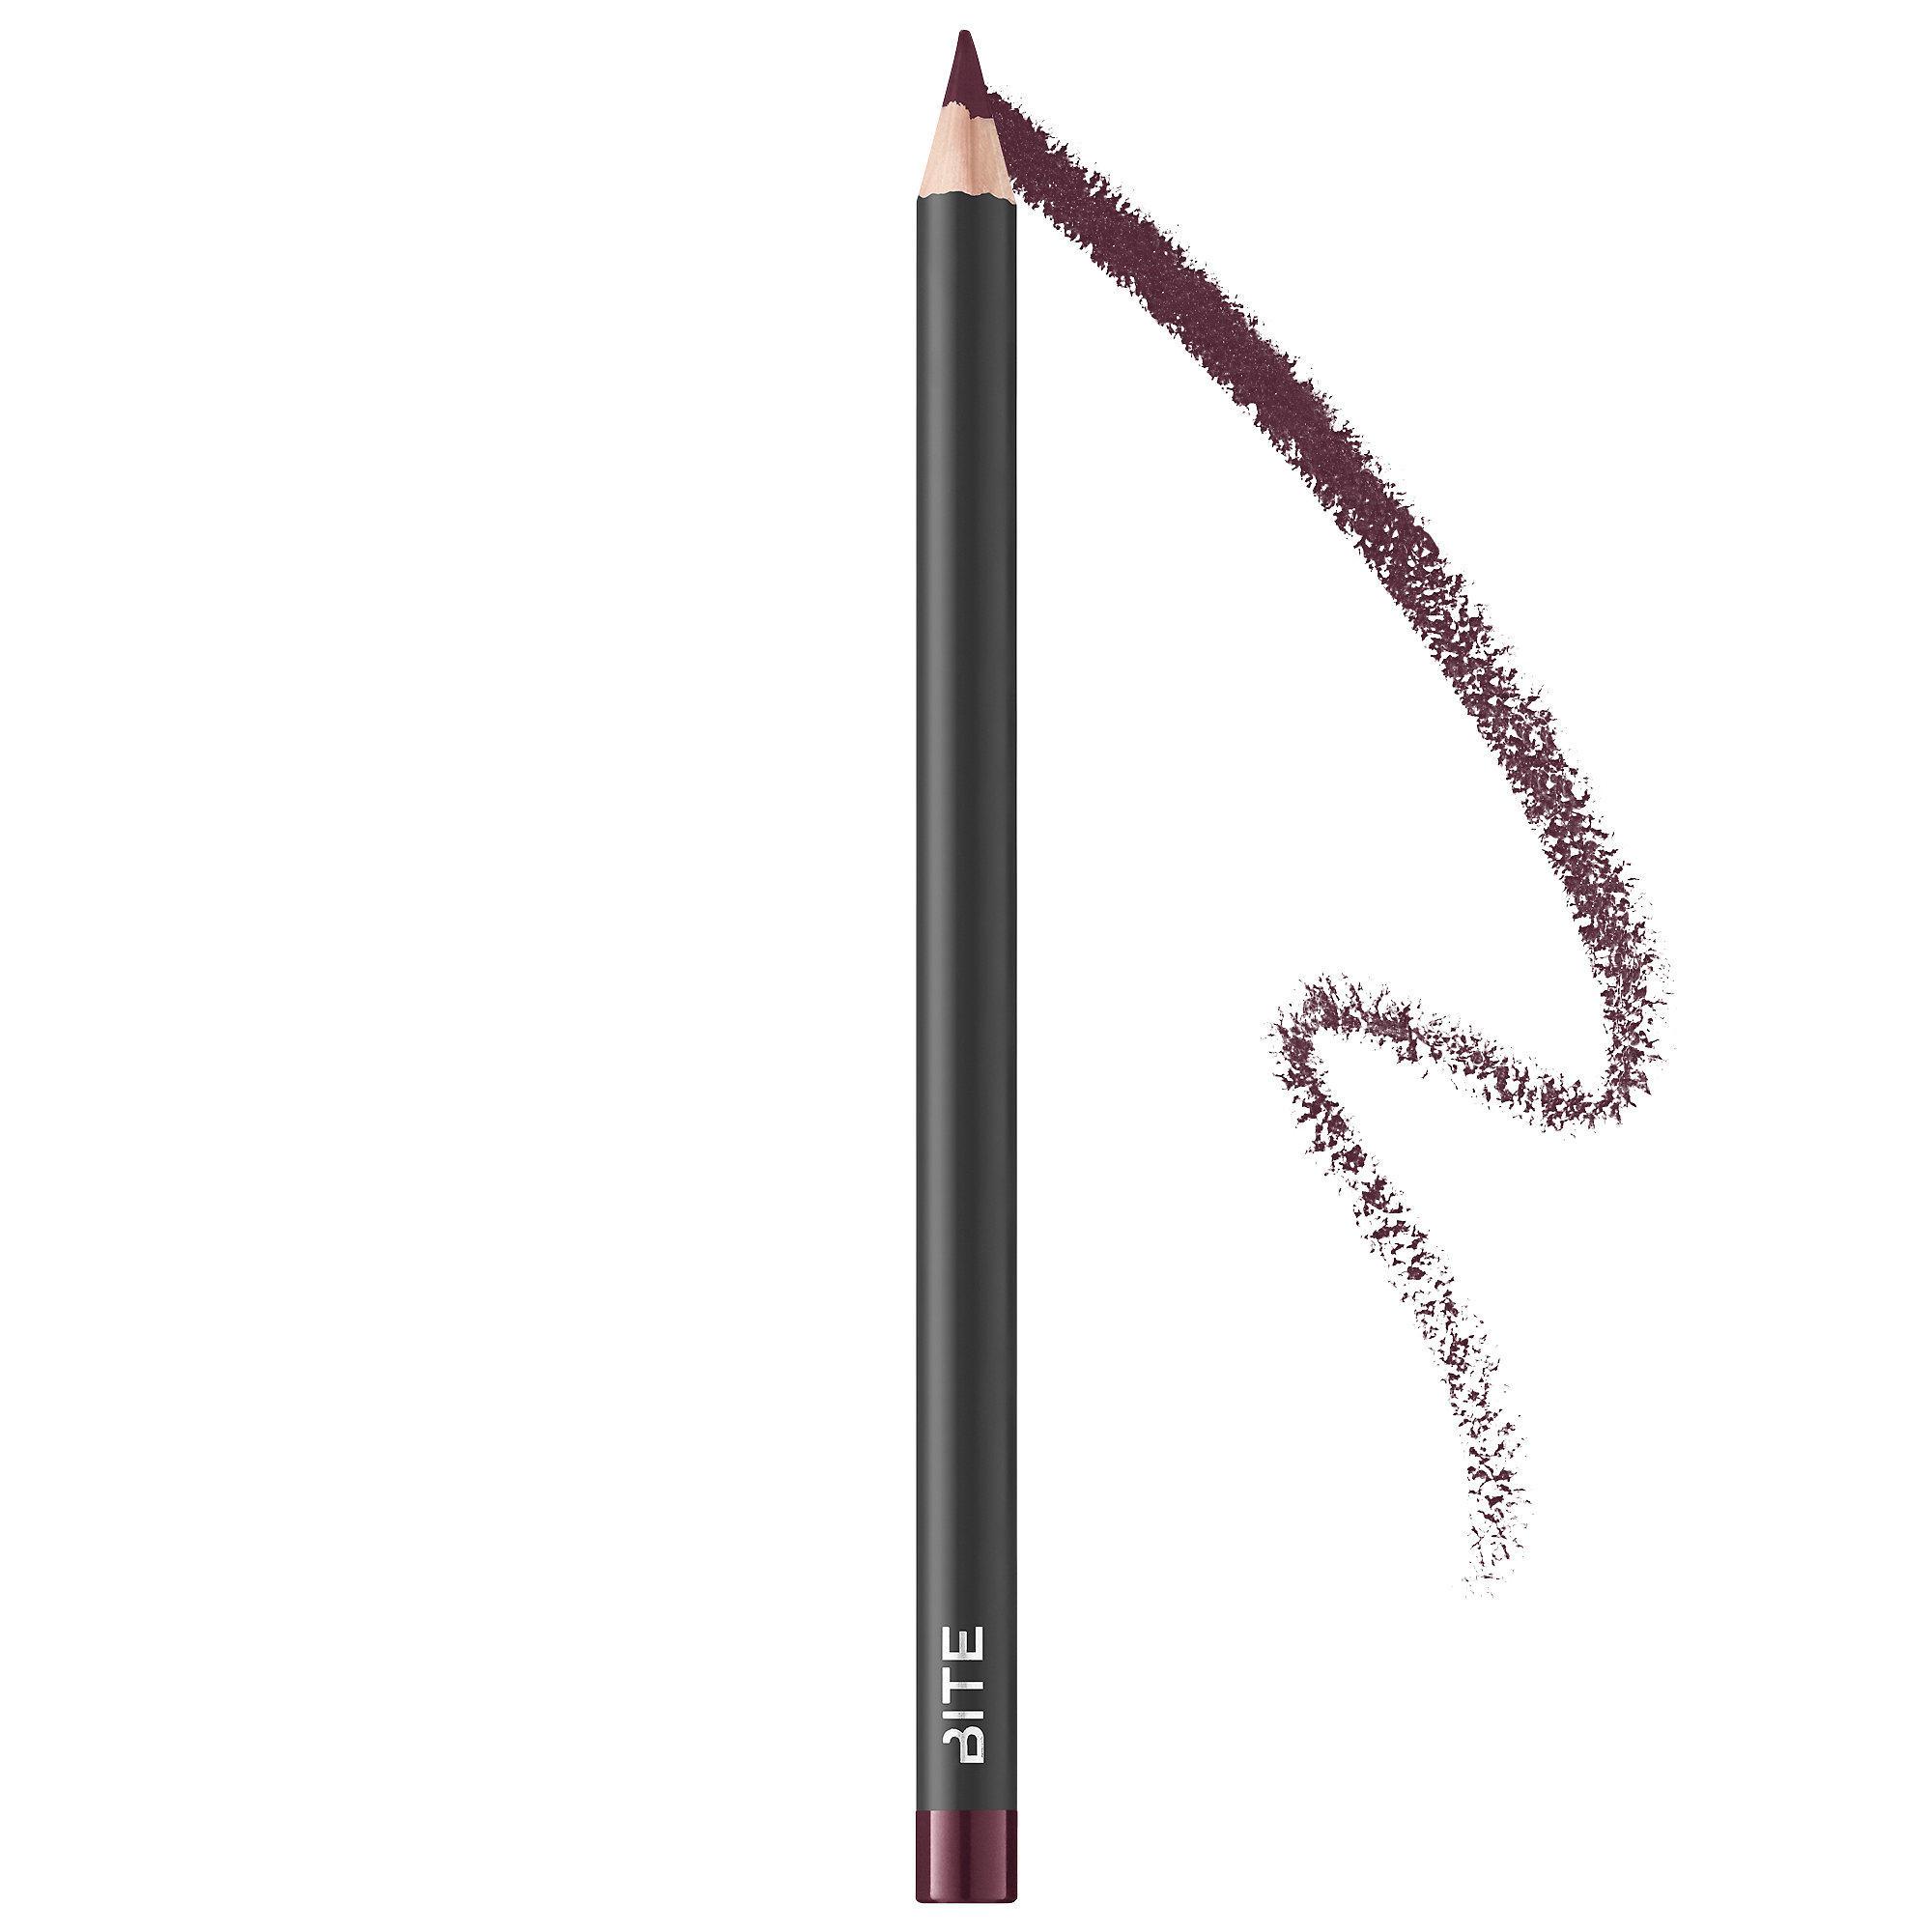 Bite Beauty The Lip Pencil Rich Mahogany 044